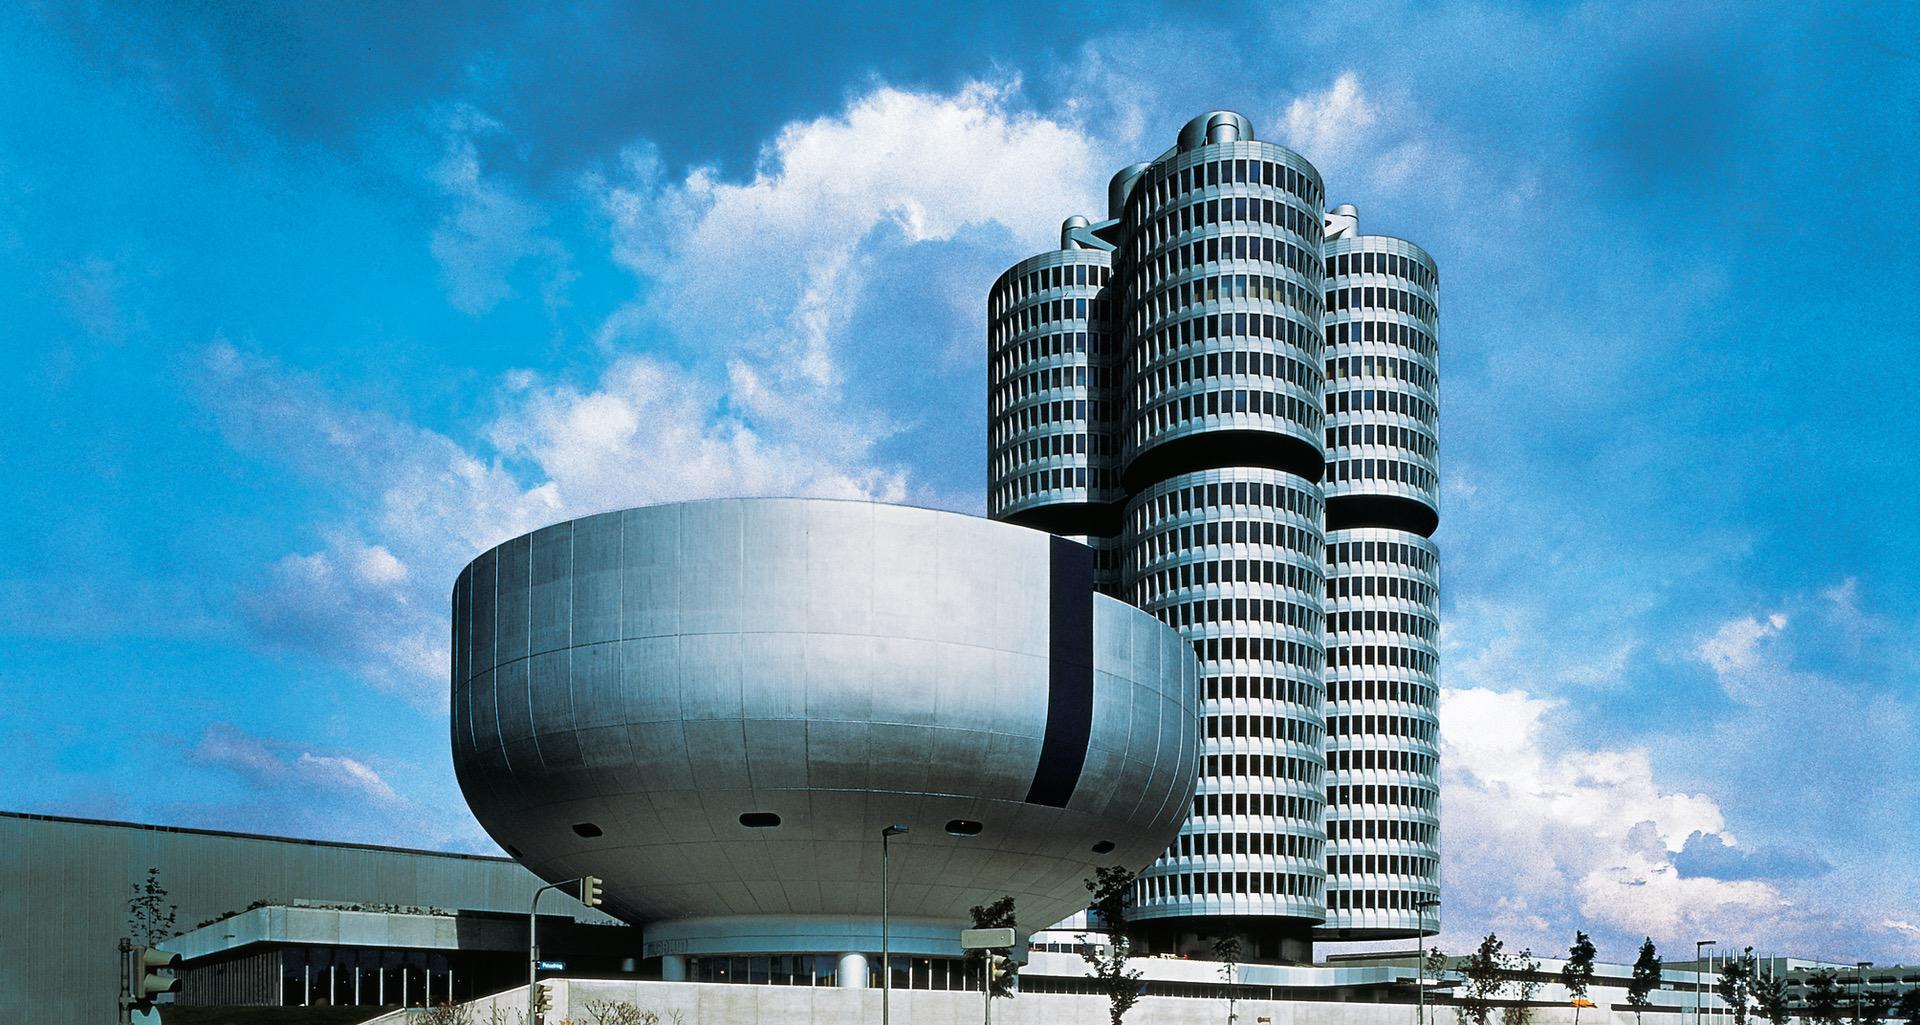 Себестоимость производства BMW может вырасти на $ 1,2 млрд